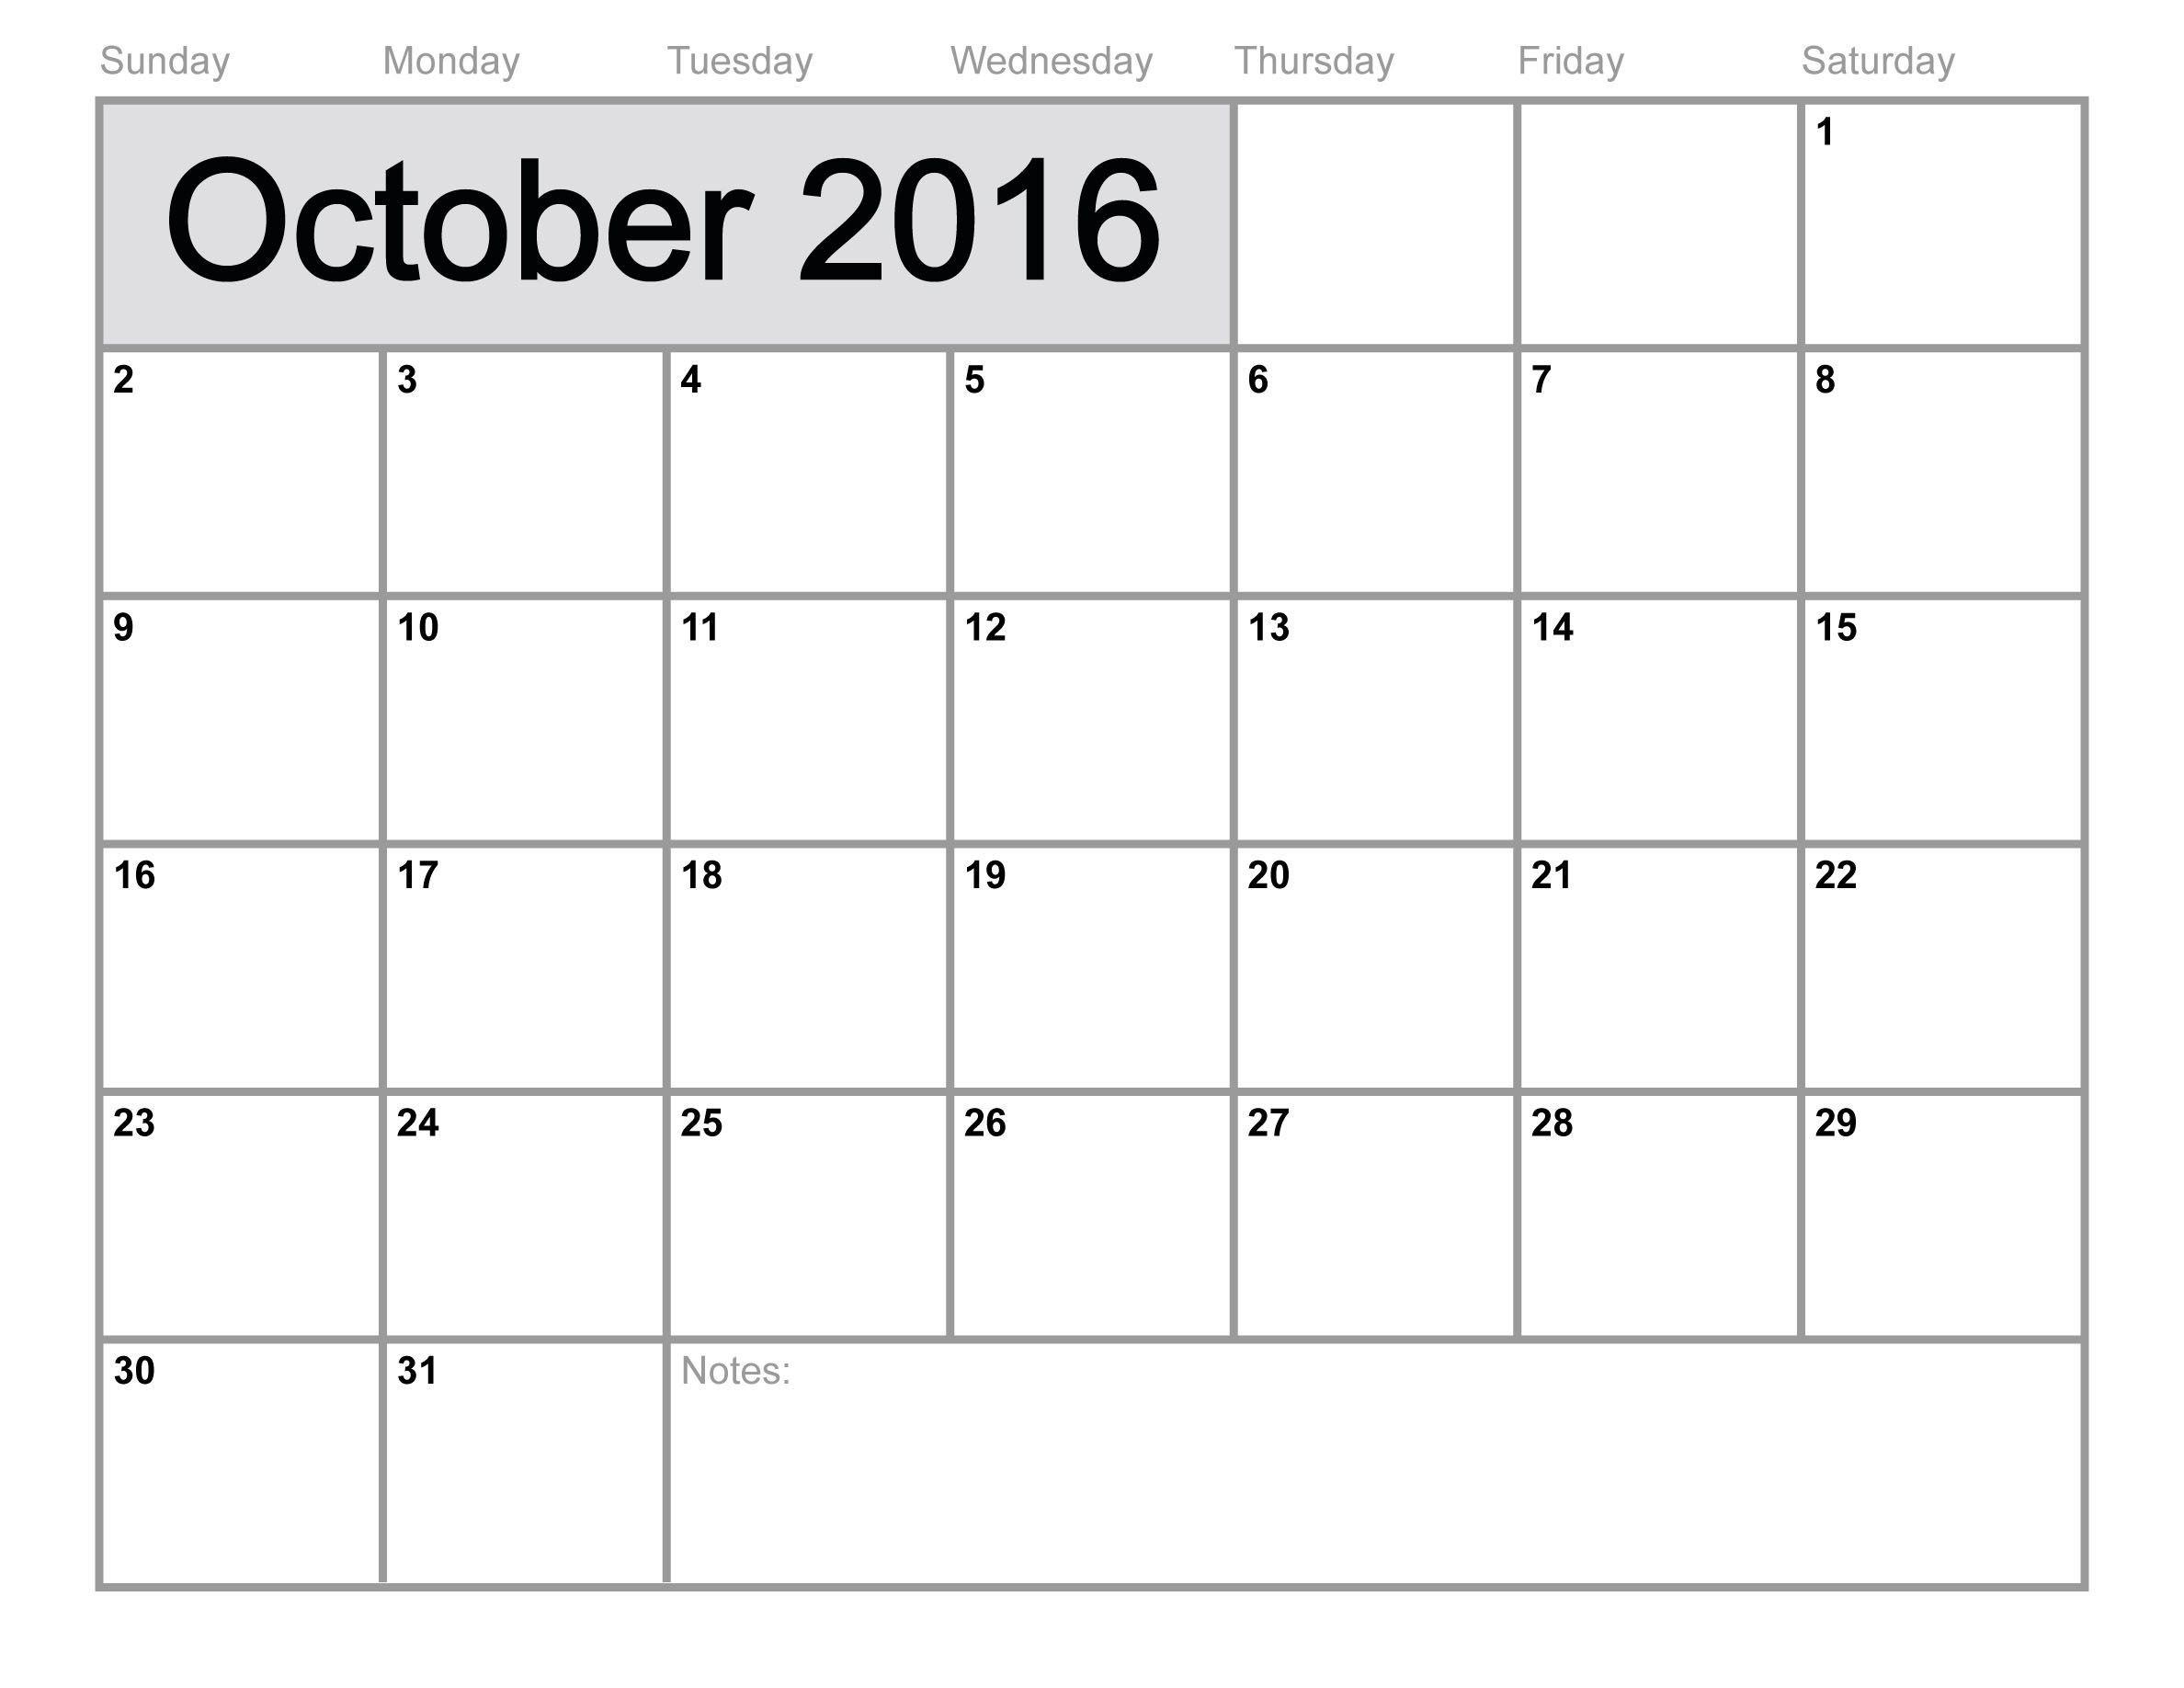 Calendario Noviembre 2017 Imprimir Gratis Más Recientemente Liberado October 2016 Calendar Printable Template 8 Templates Of Calendario Noviembre 2017 Imprimir Gratis Más Recientes Calendarios Del Mes Kordurorddiner